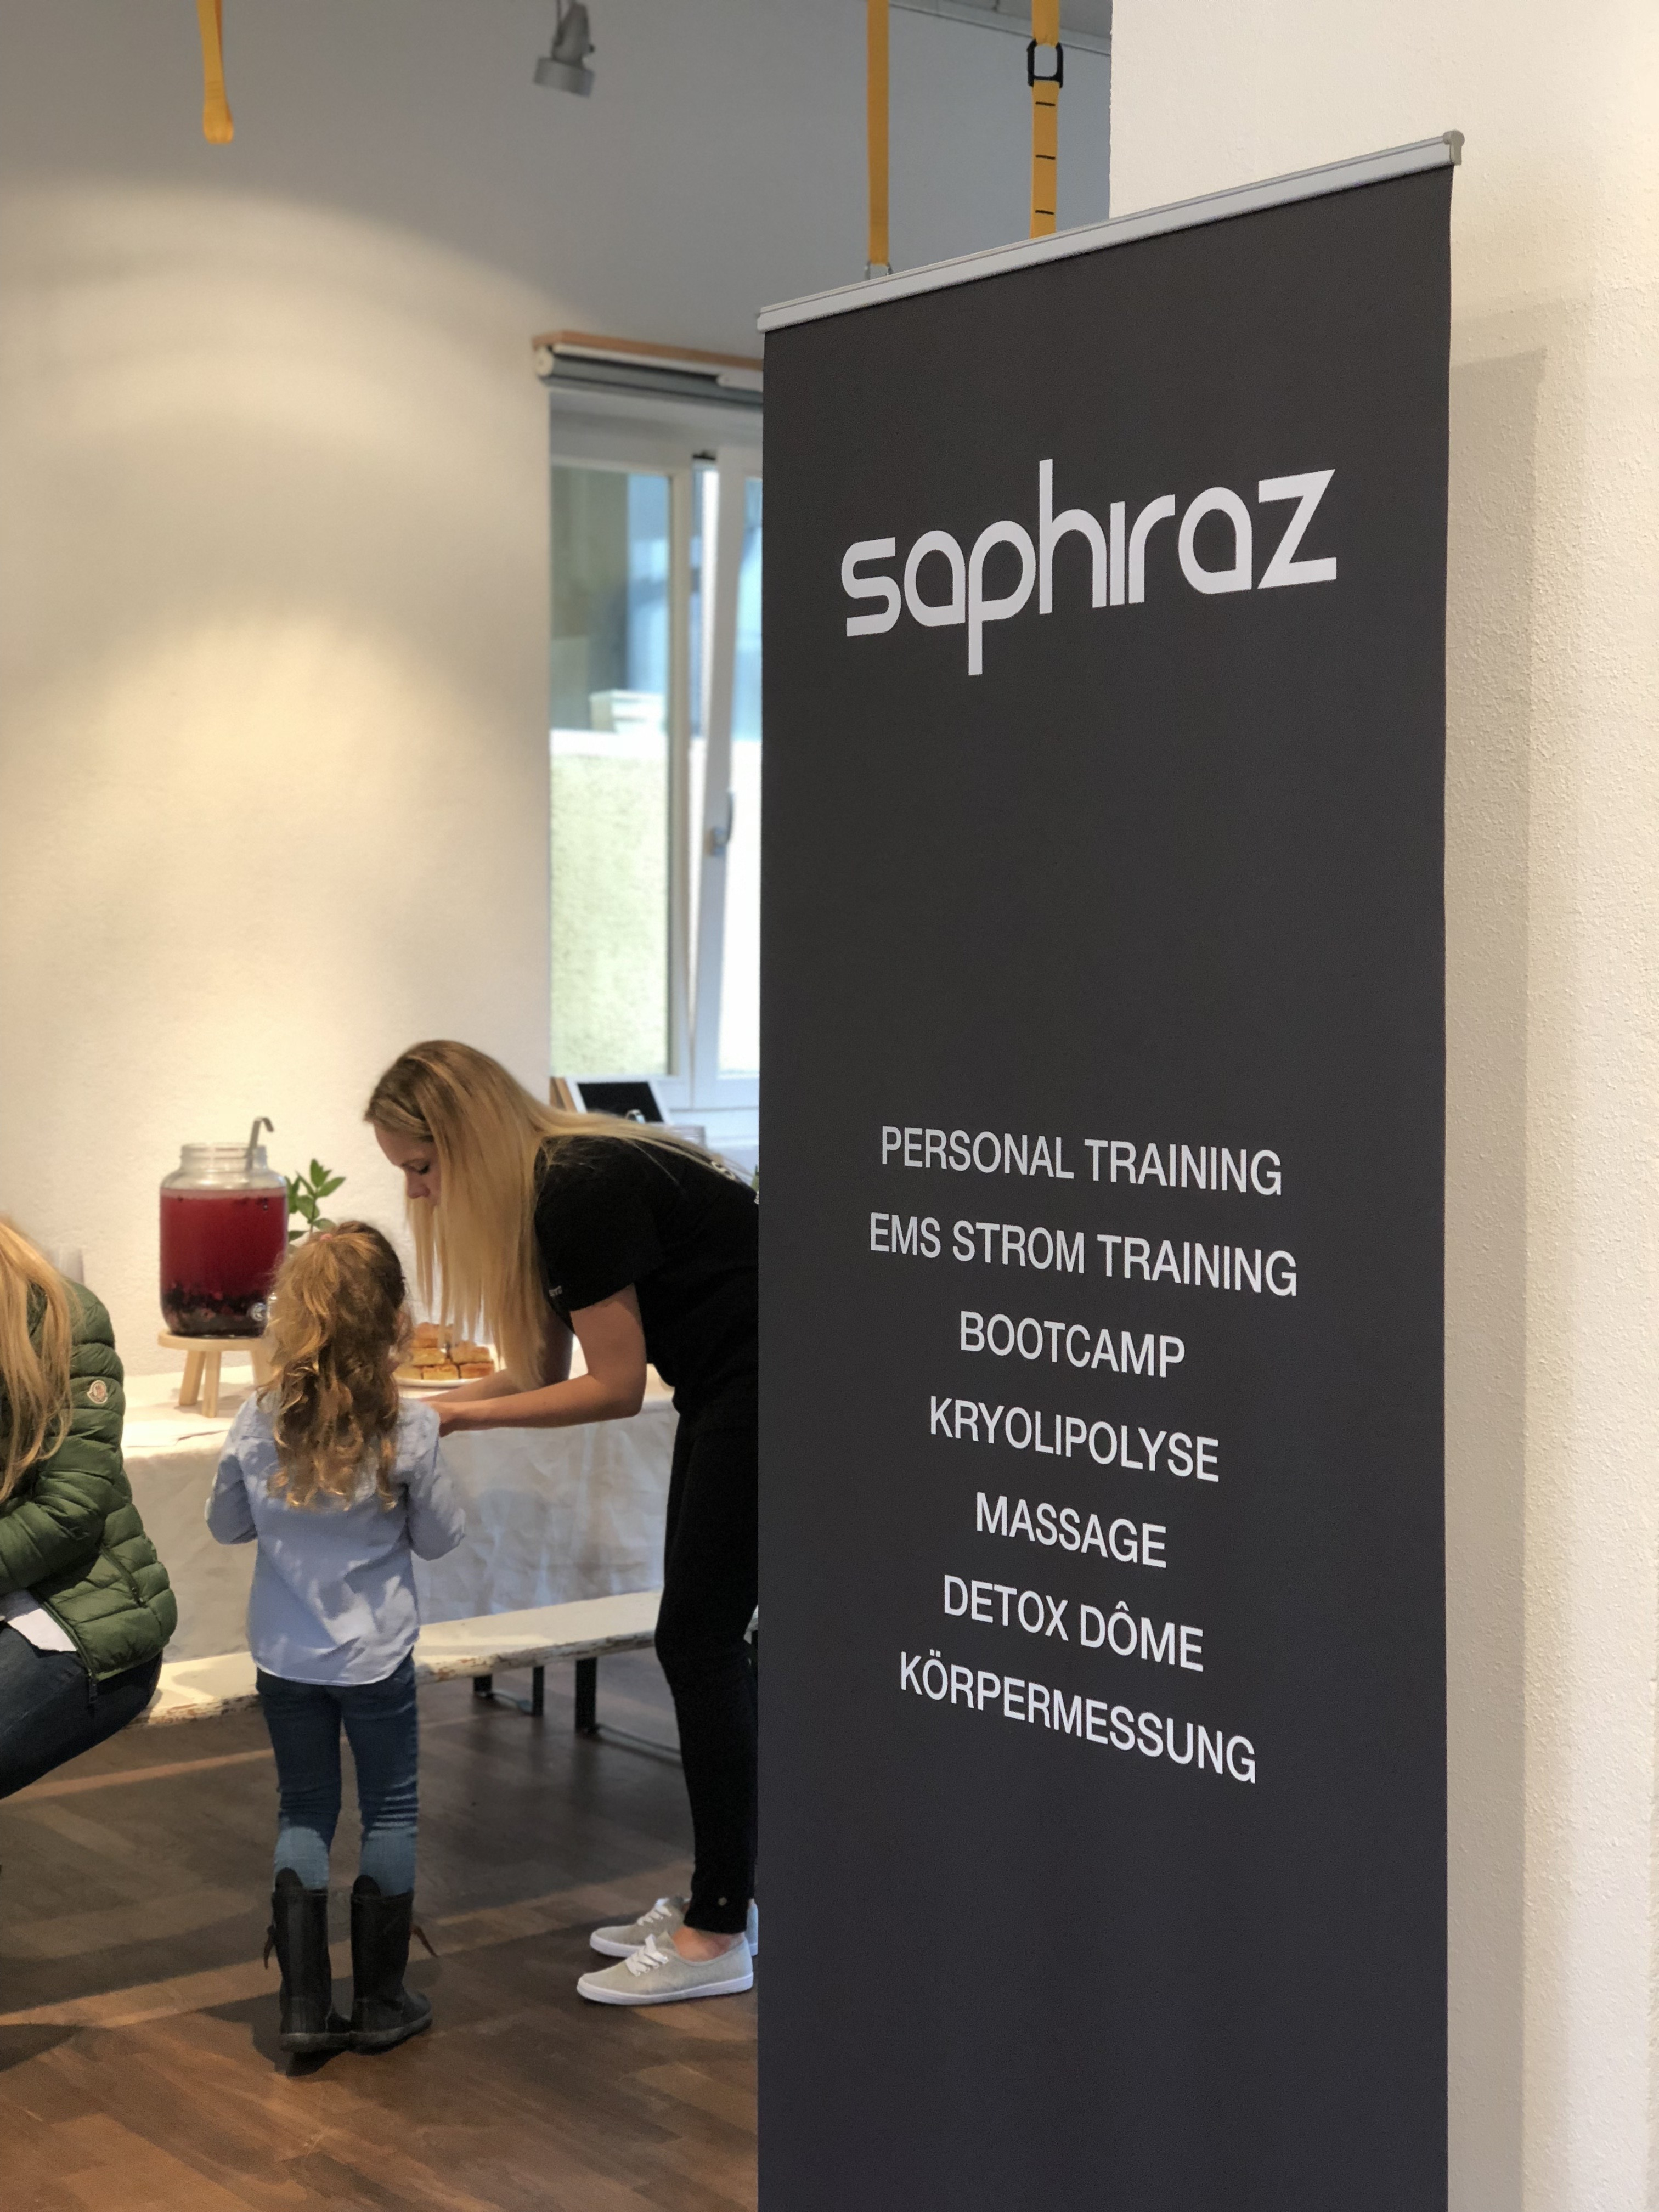 Gruppenfitness FM Opening_2375-saphiraz